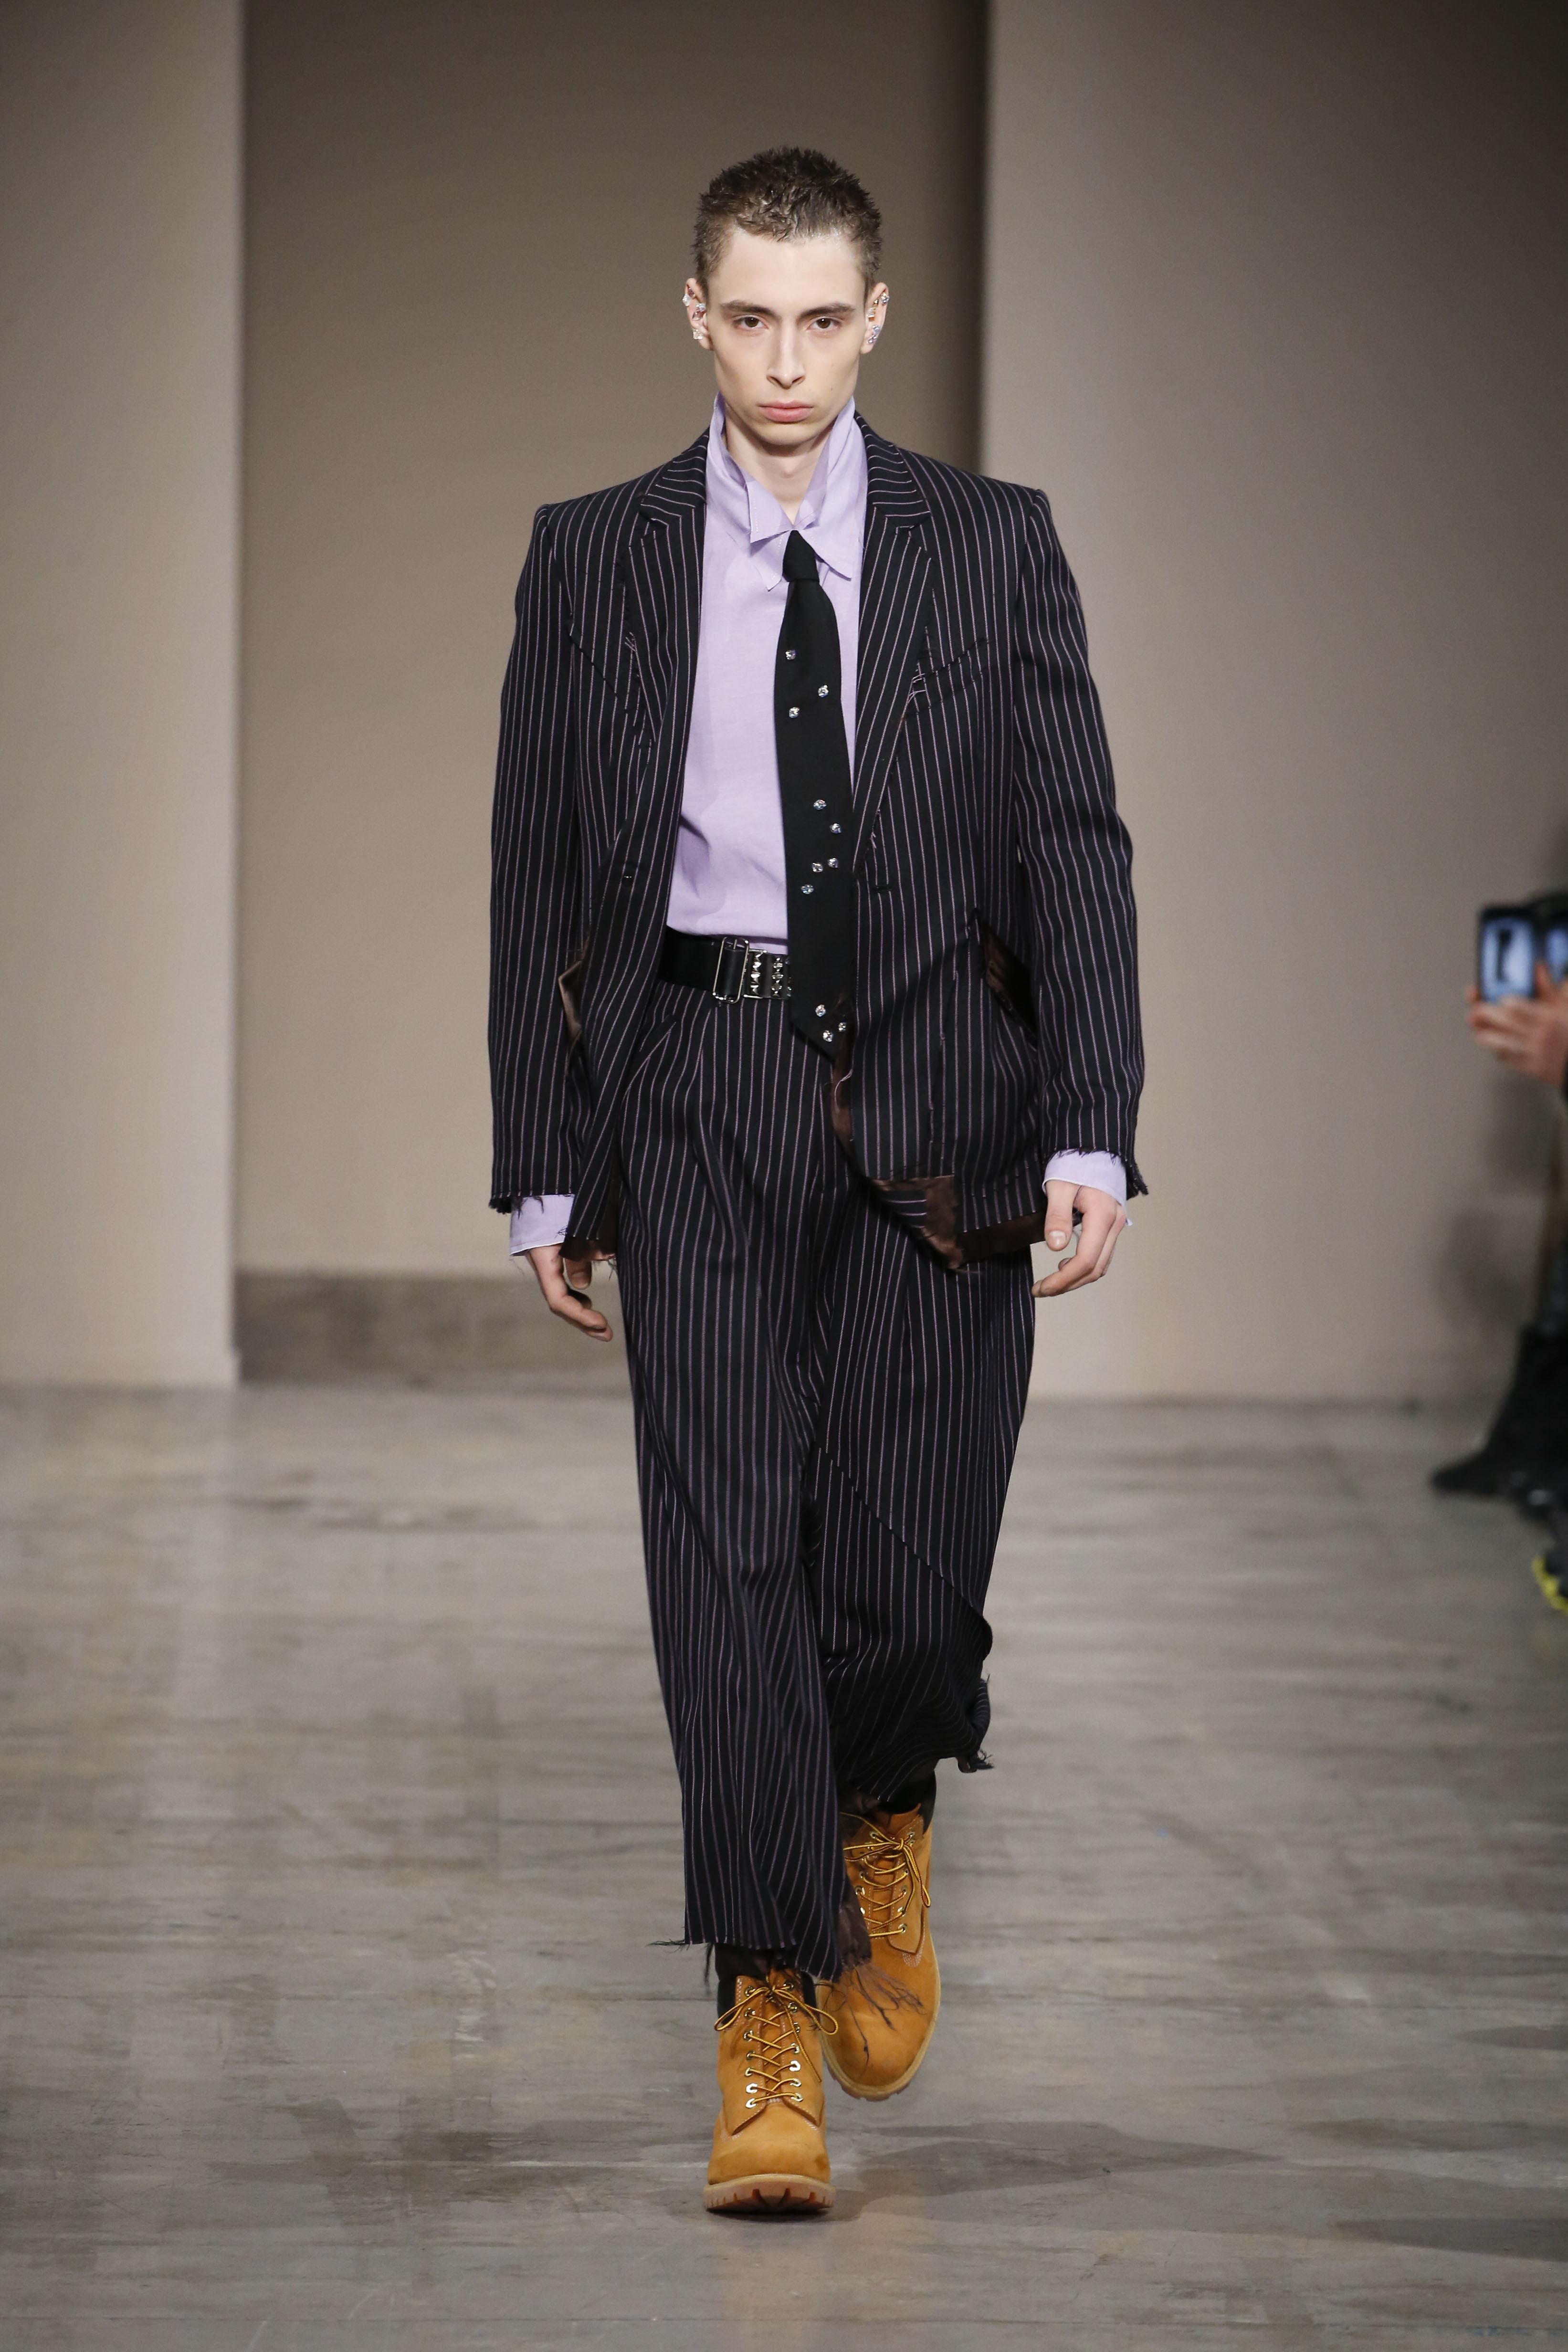 Moda milano 2018 uomo cryptorich for Settimana della moda milano 2018